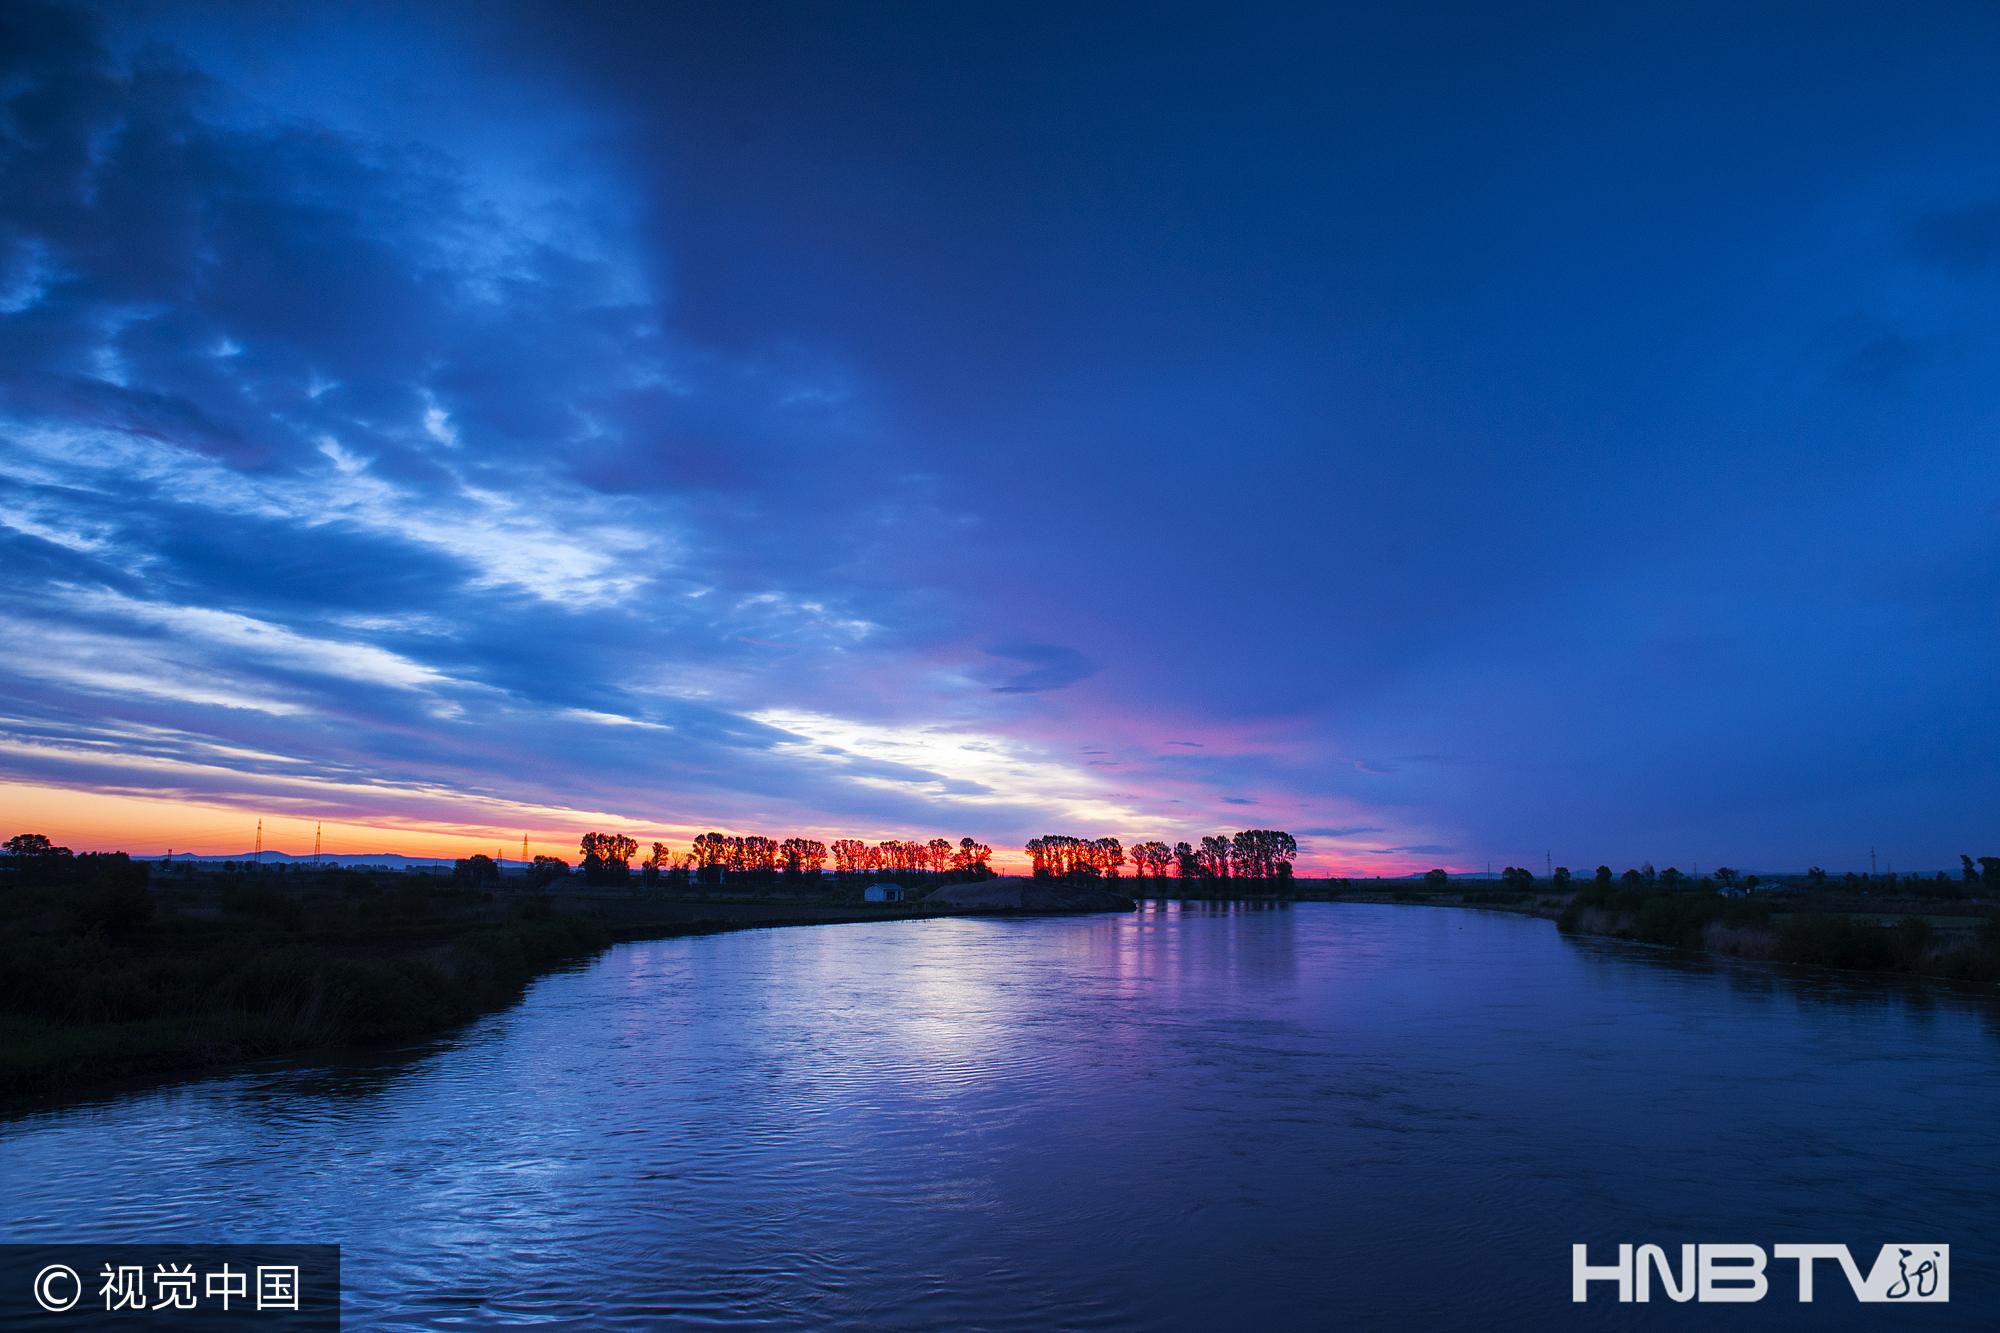 黑龙江鸡西:美丽的兴凯湖夜色(组图)